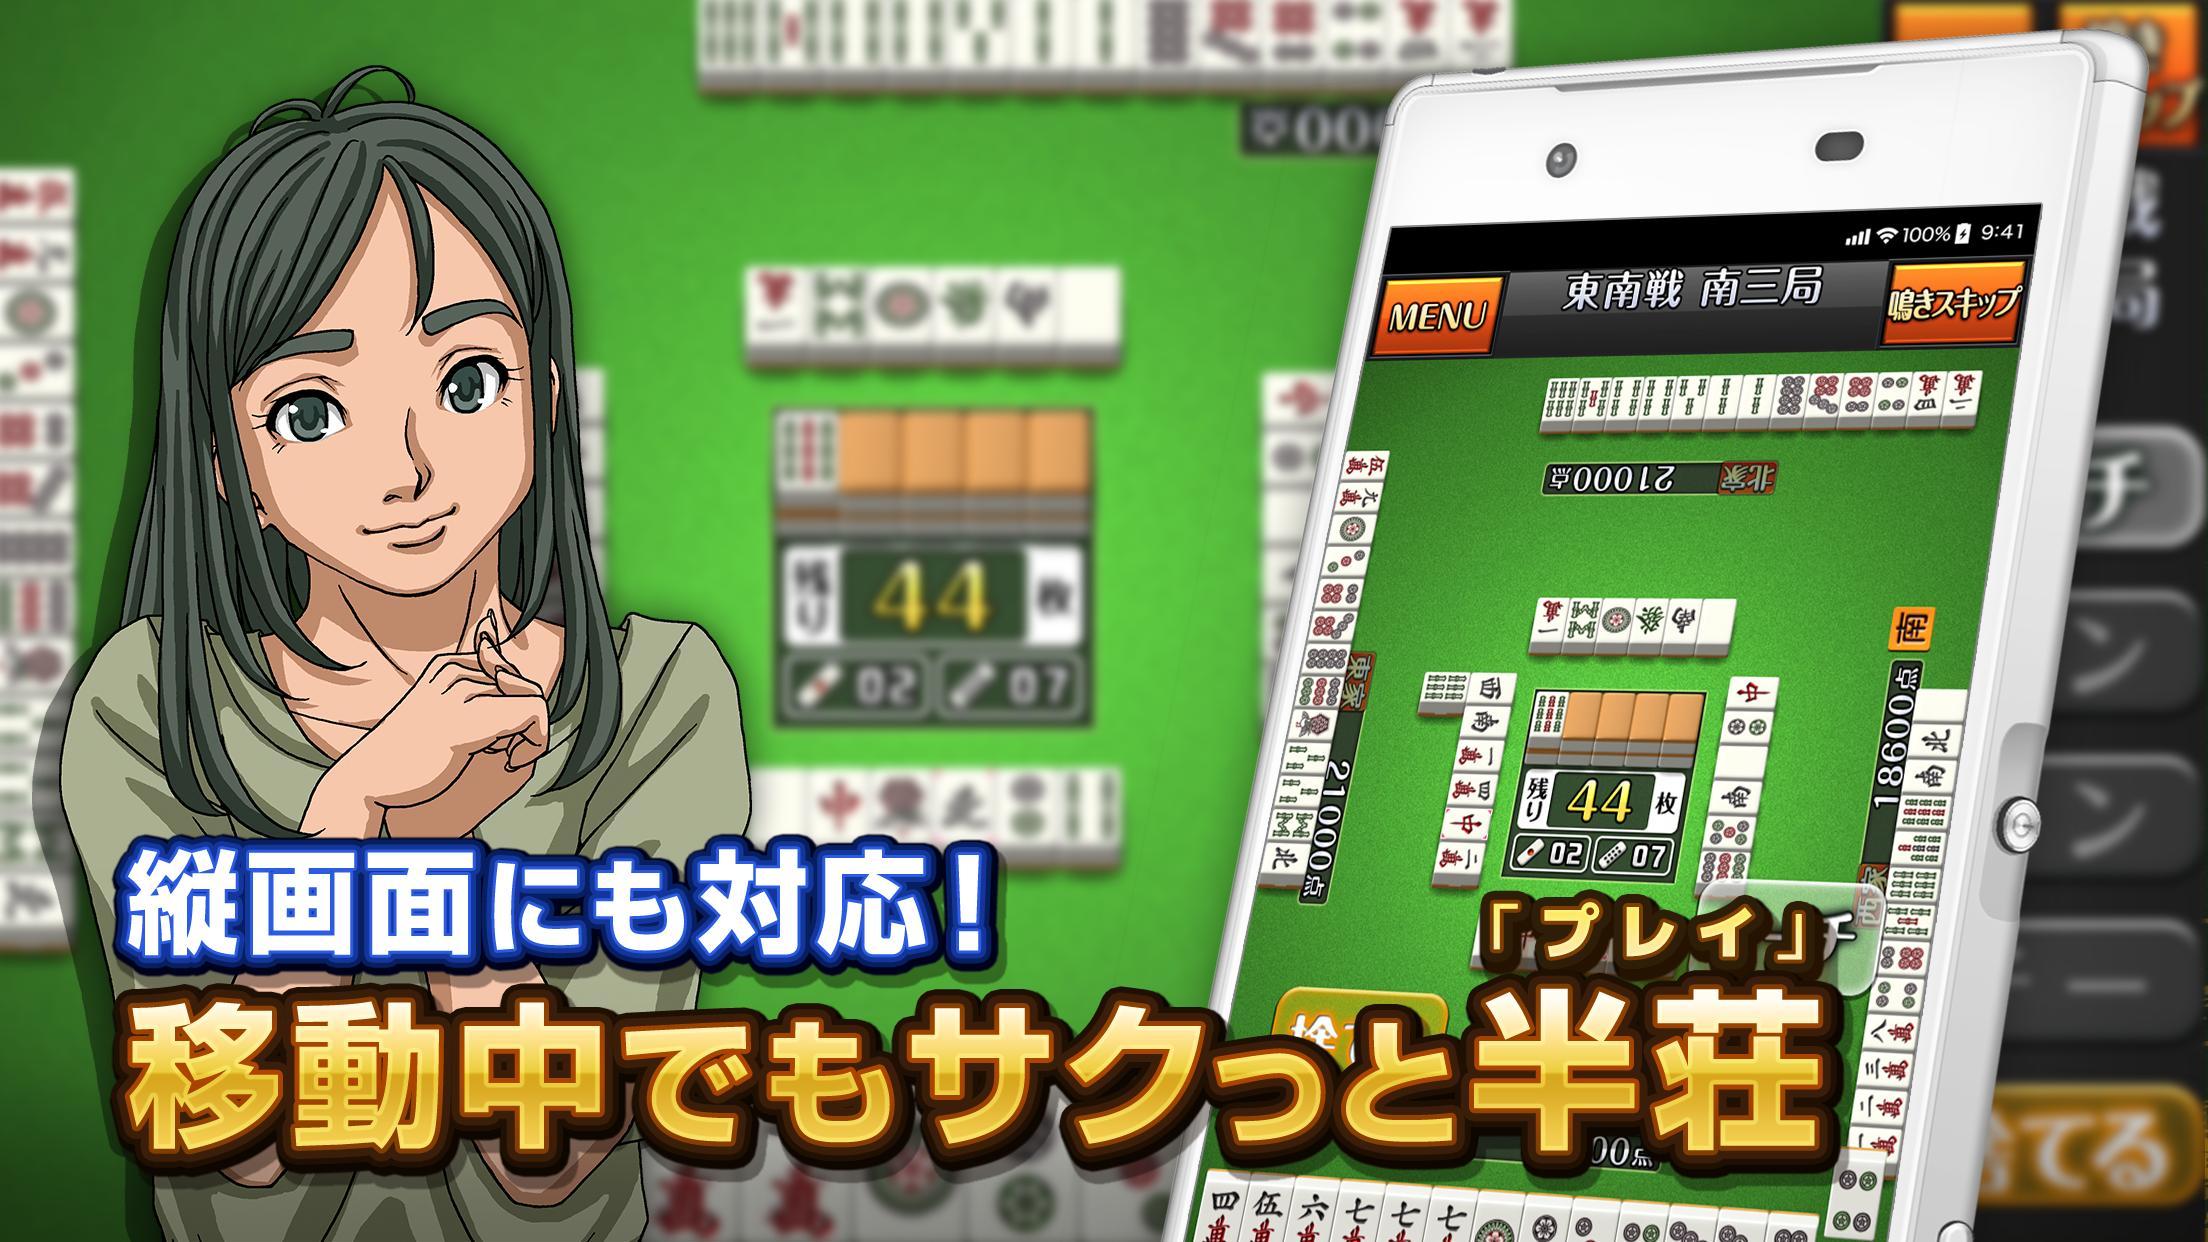 みんなの麻雀 初心者も強くなれるランキング戦が楽しい本格麻雀【無料】 1.1.12 Screenshot 8